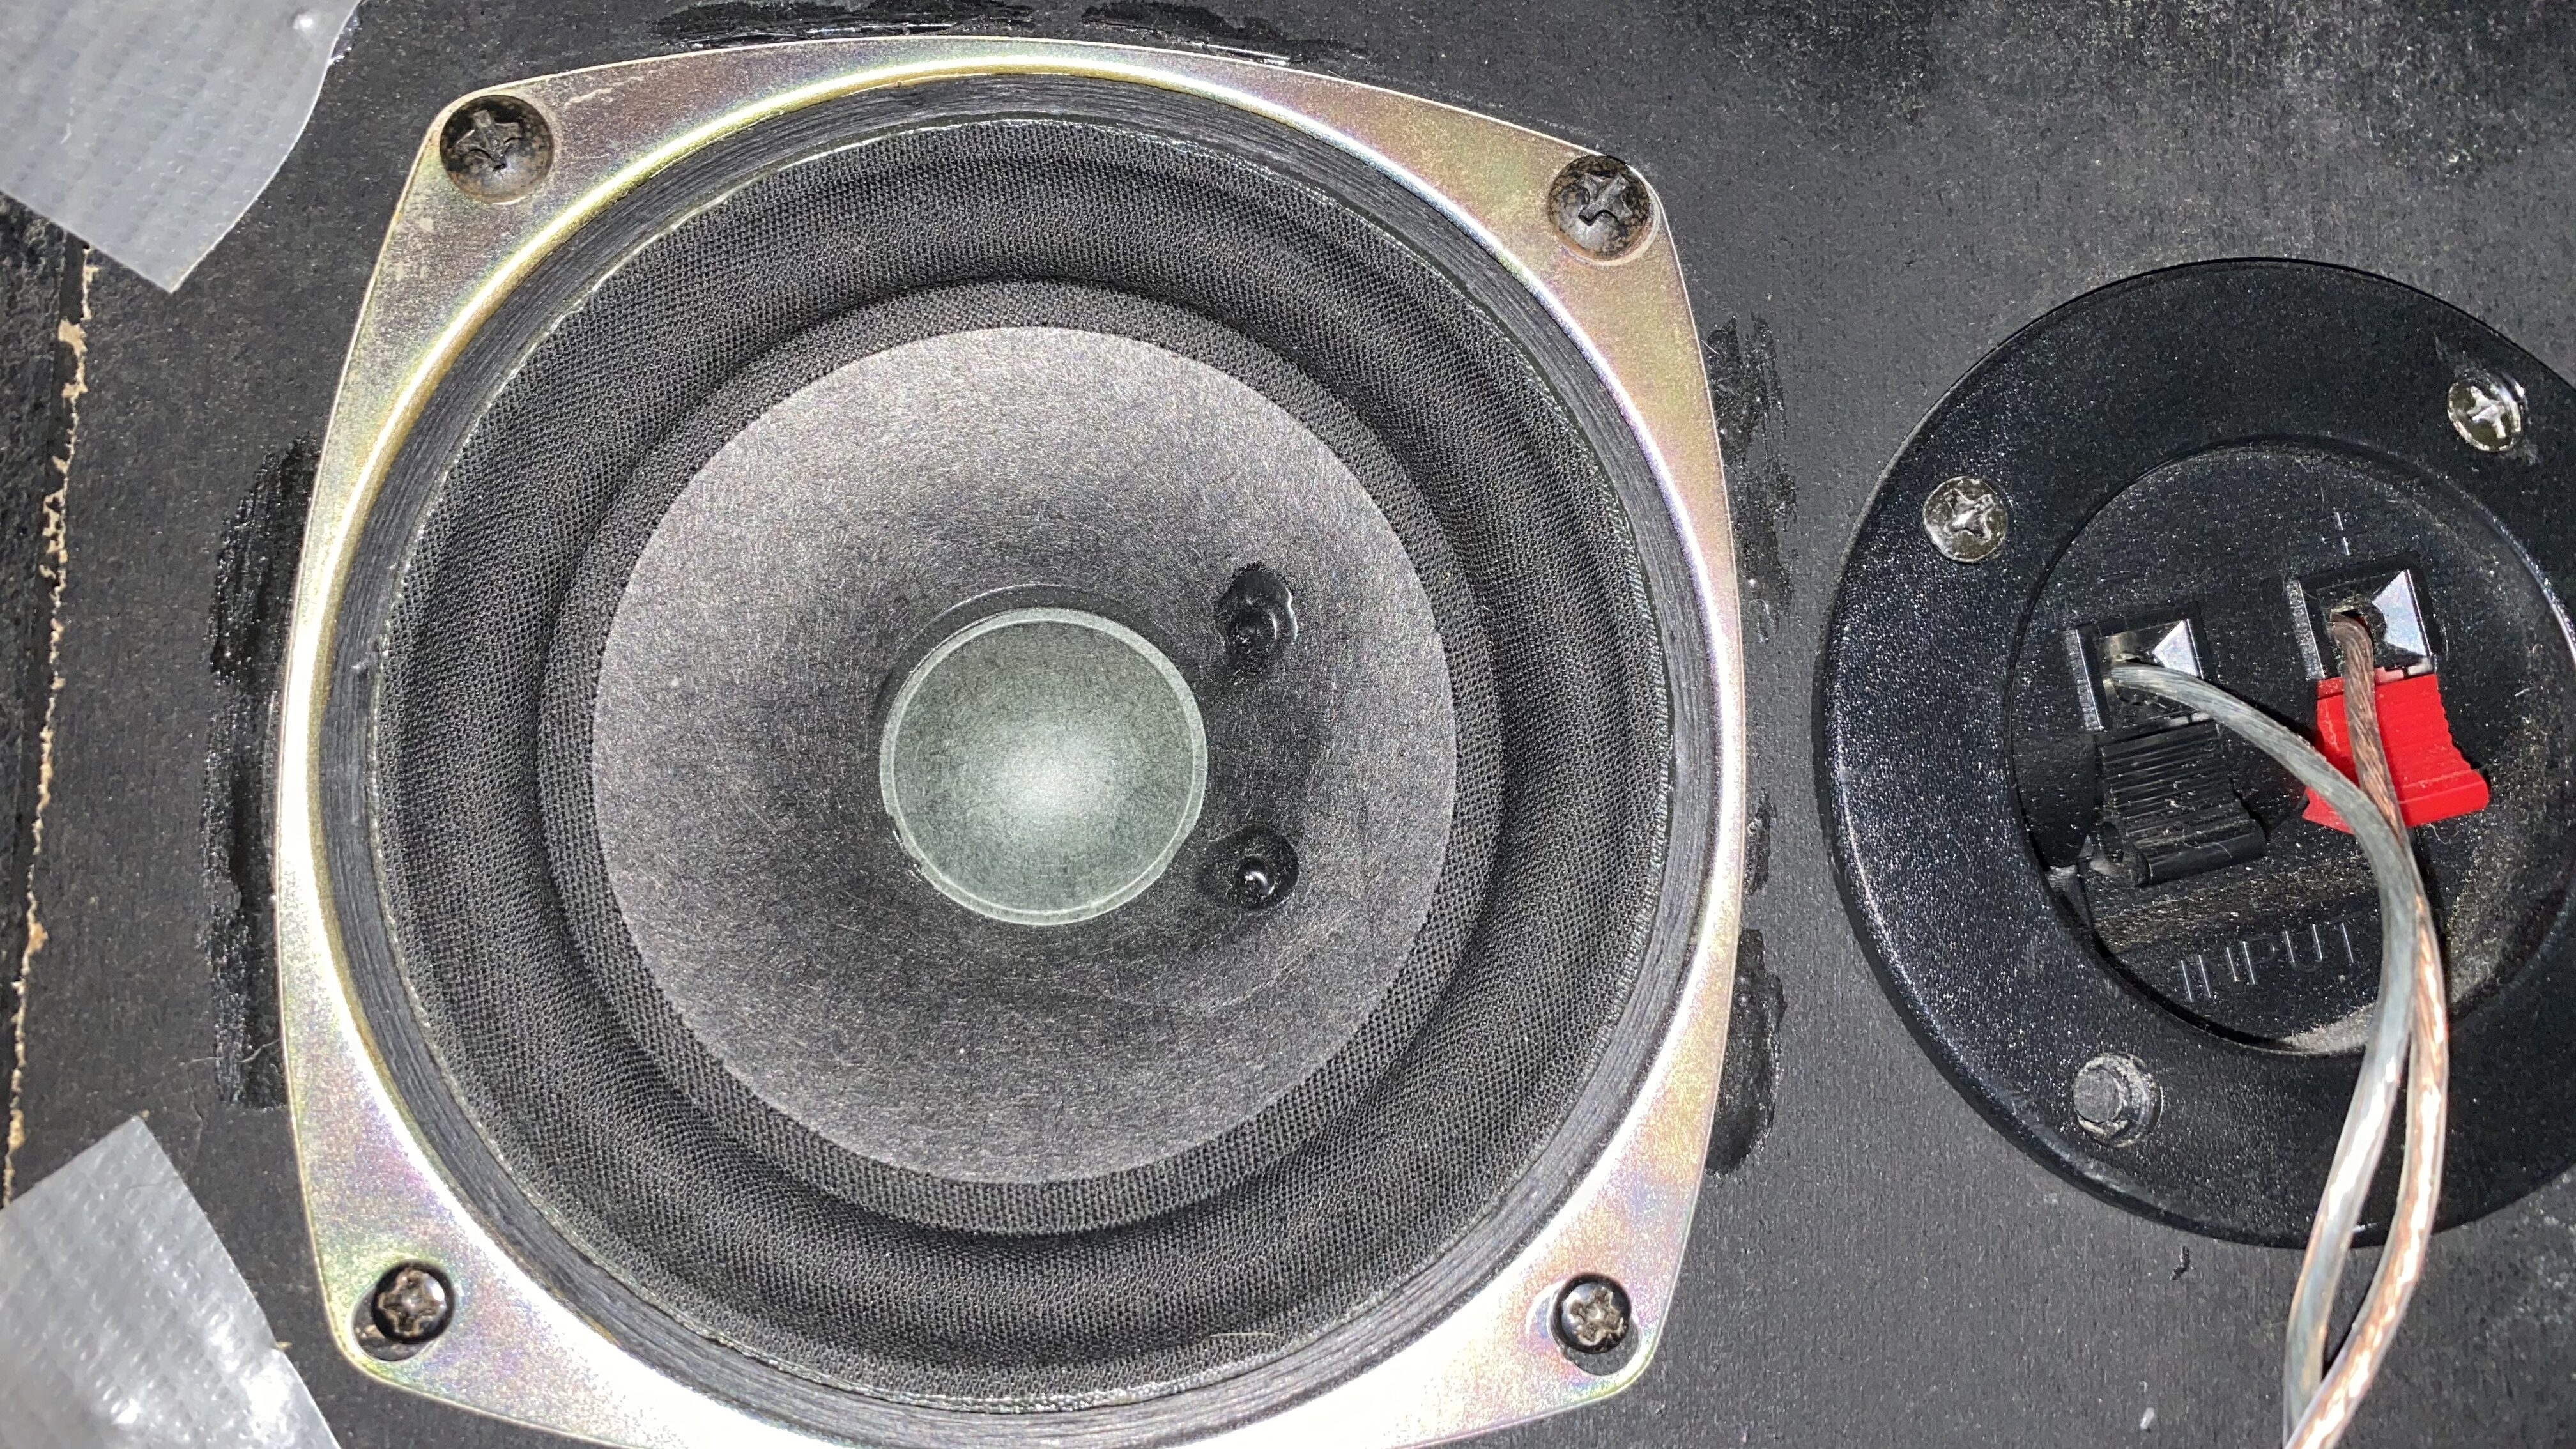 The full range speakers used for the bluetooth speaker.